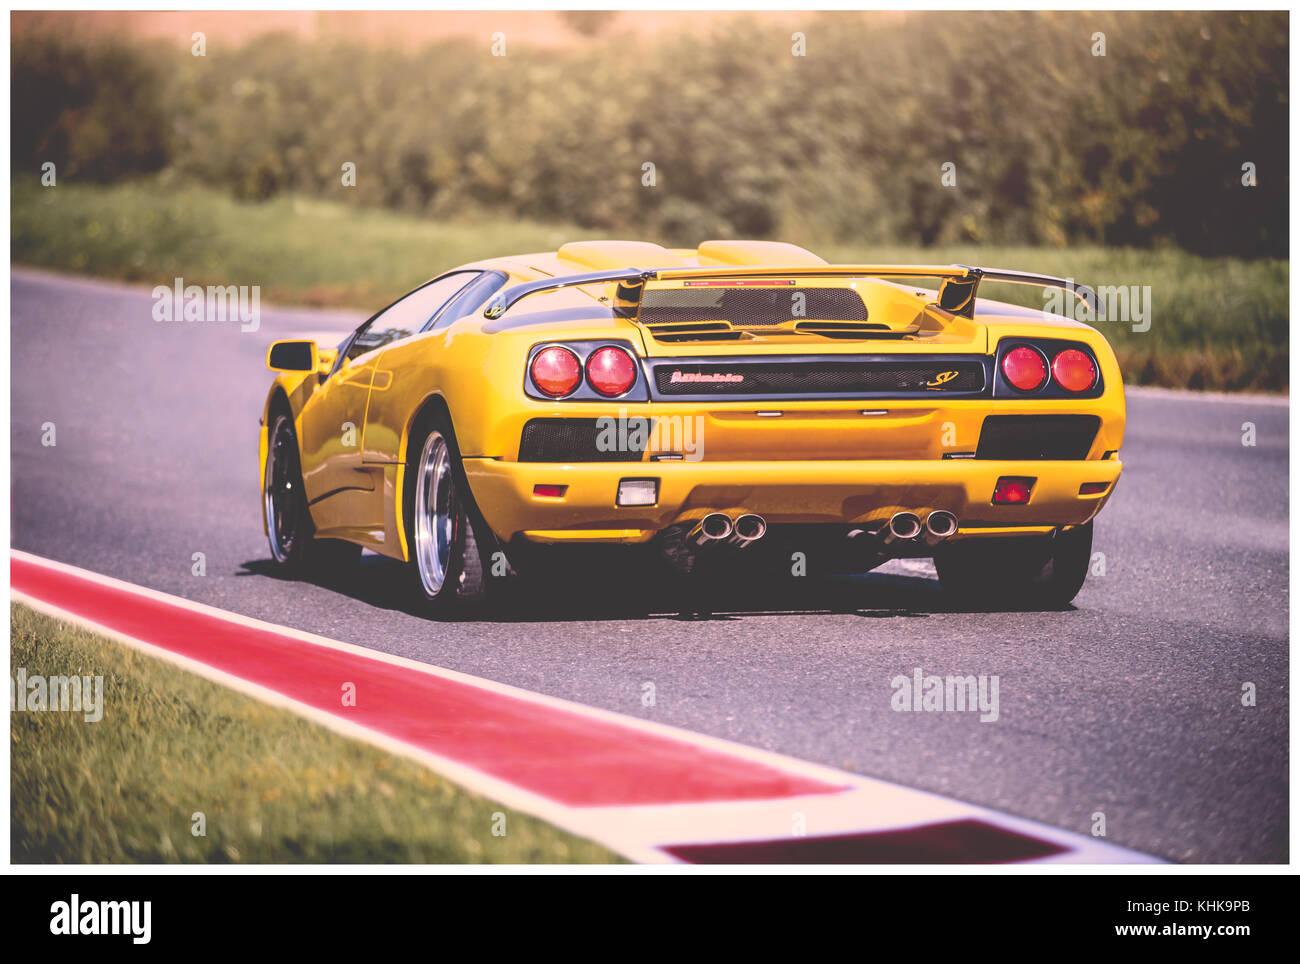 Giallo Lamborghini Diablo Cingolo Posteriore Foto Immagine Stock